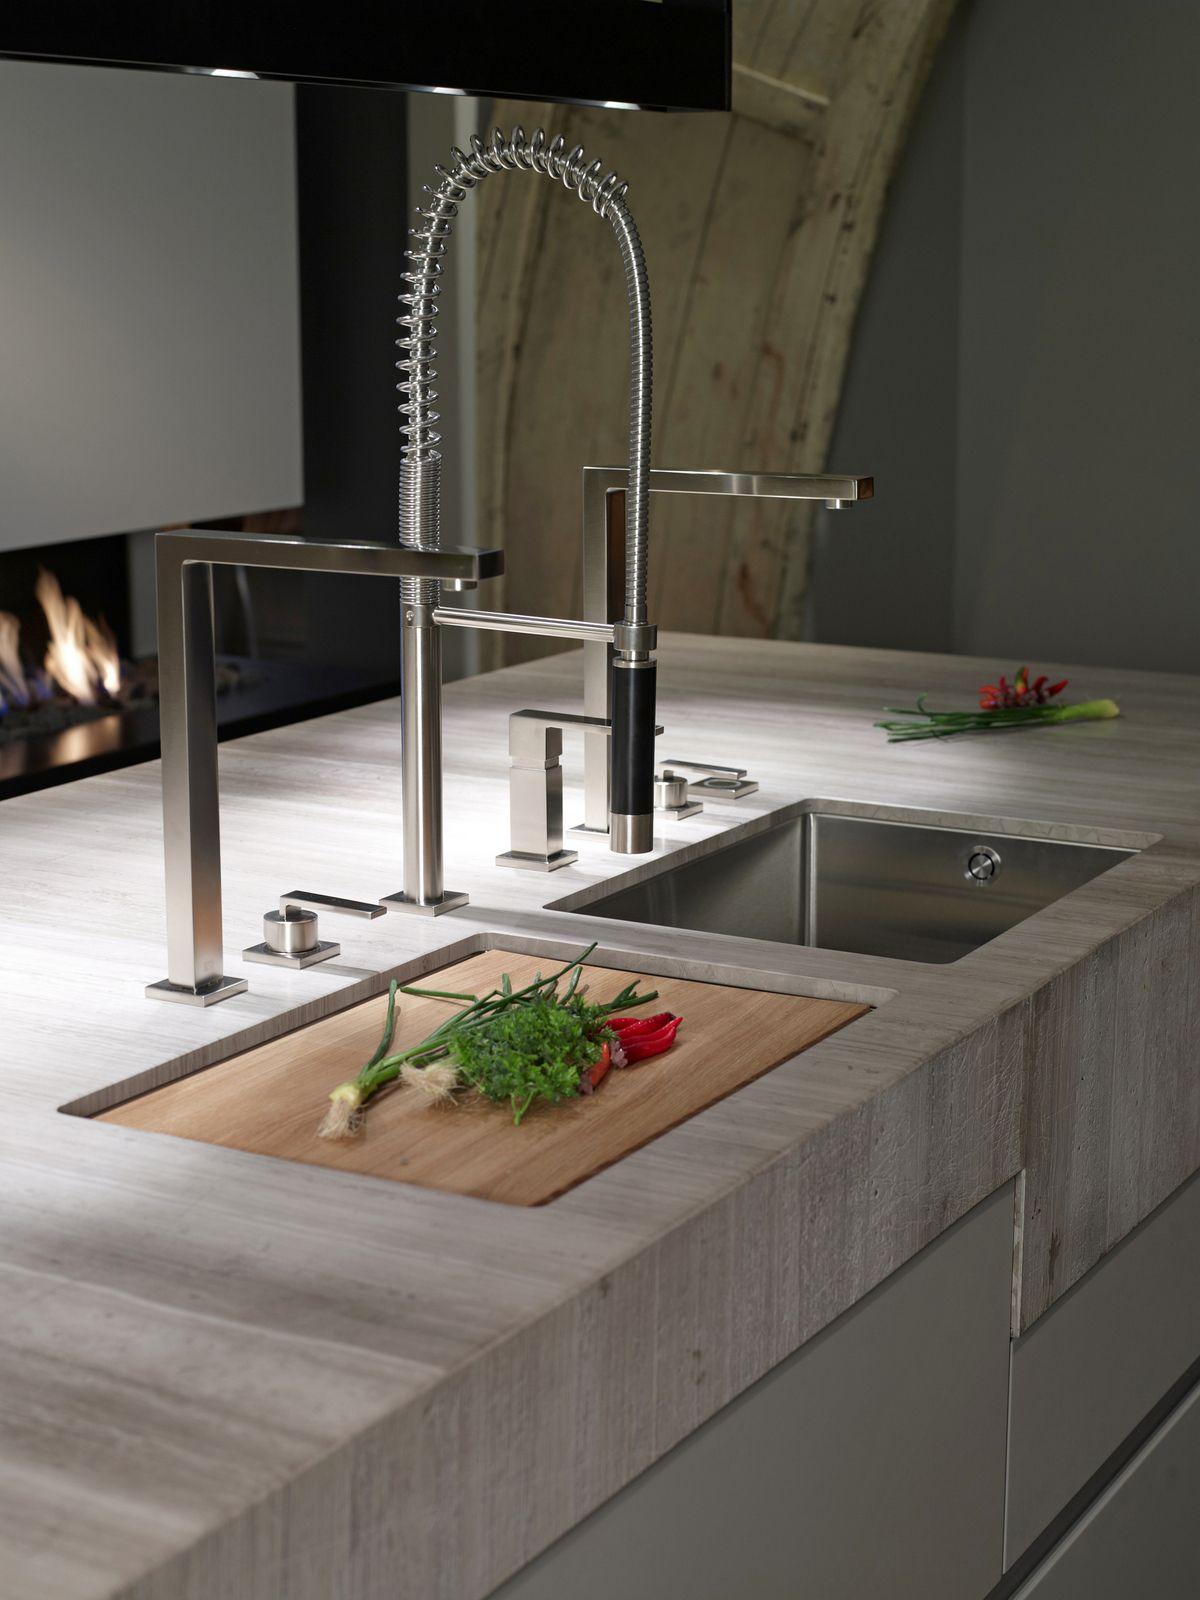 Sie gestalten küchen-design-ideen spültischarmatur für ihre küche treffen sie die richtige